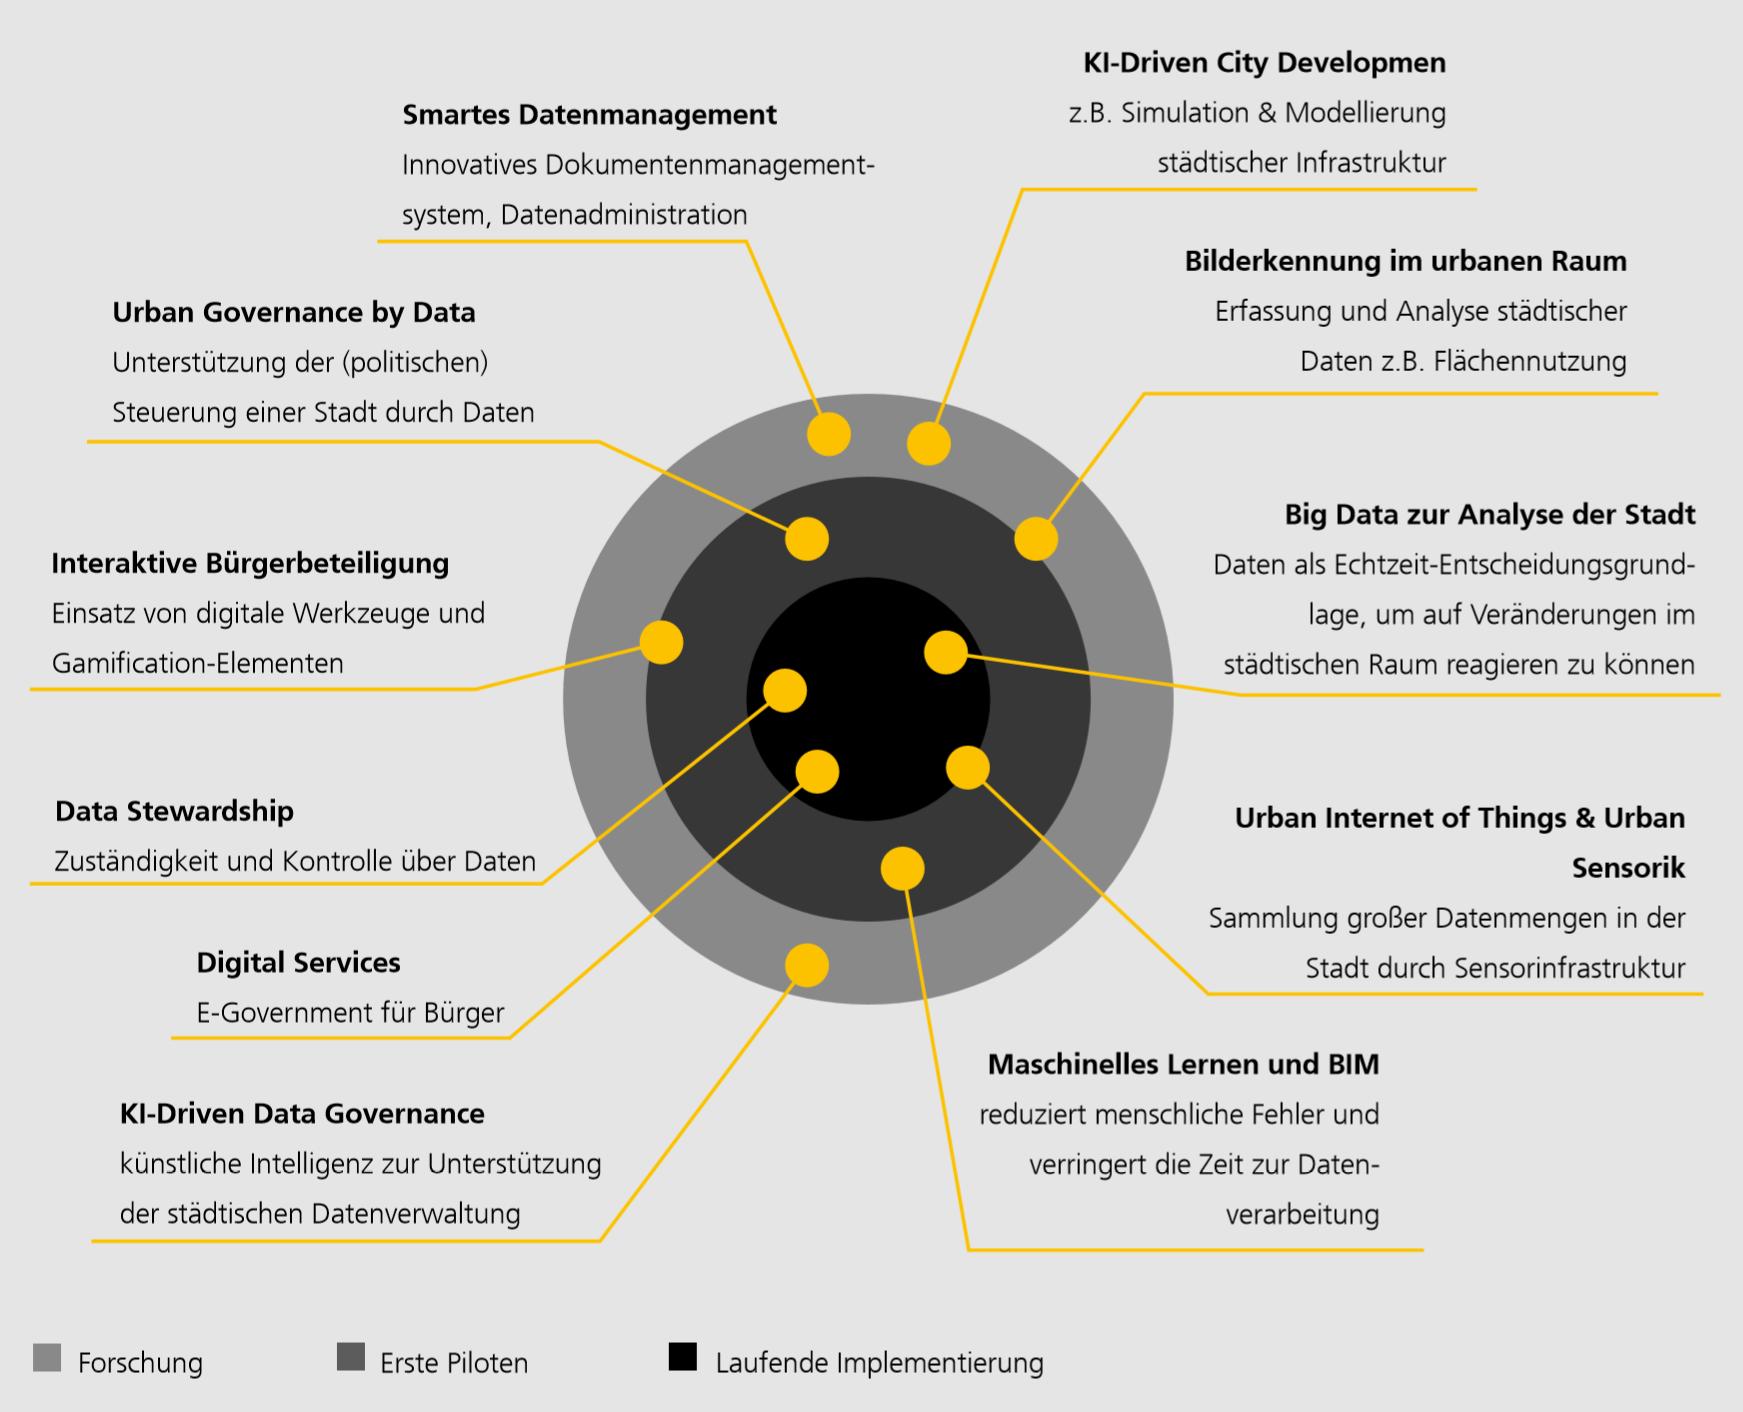 Trendradar zur kommunalen Digitalisierung: Neuem ohne Hype begegnen. (Quelle: Fraunhofer IAO)